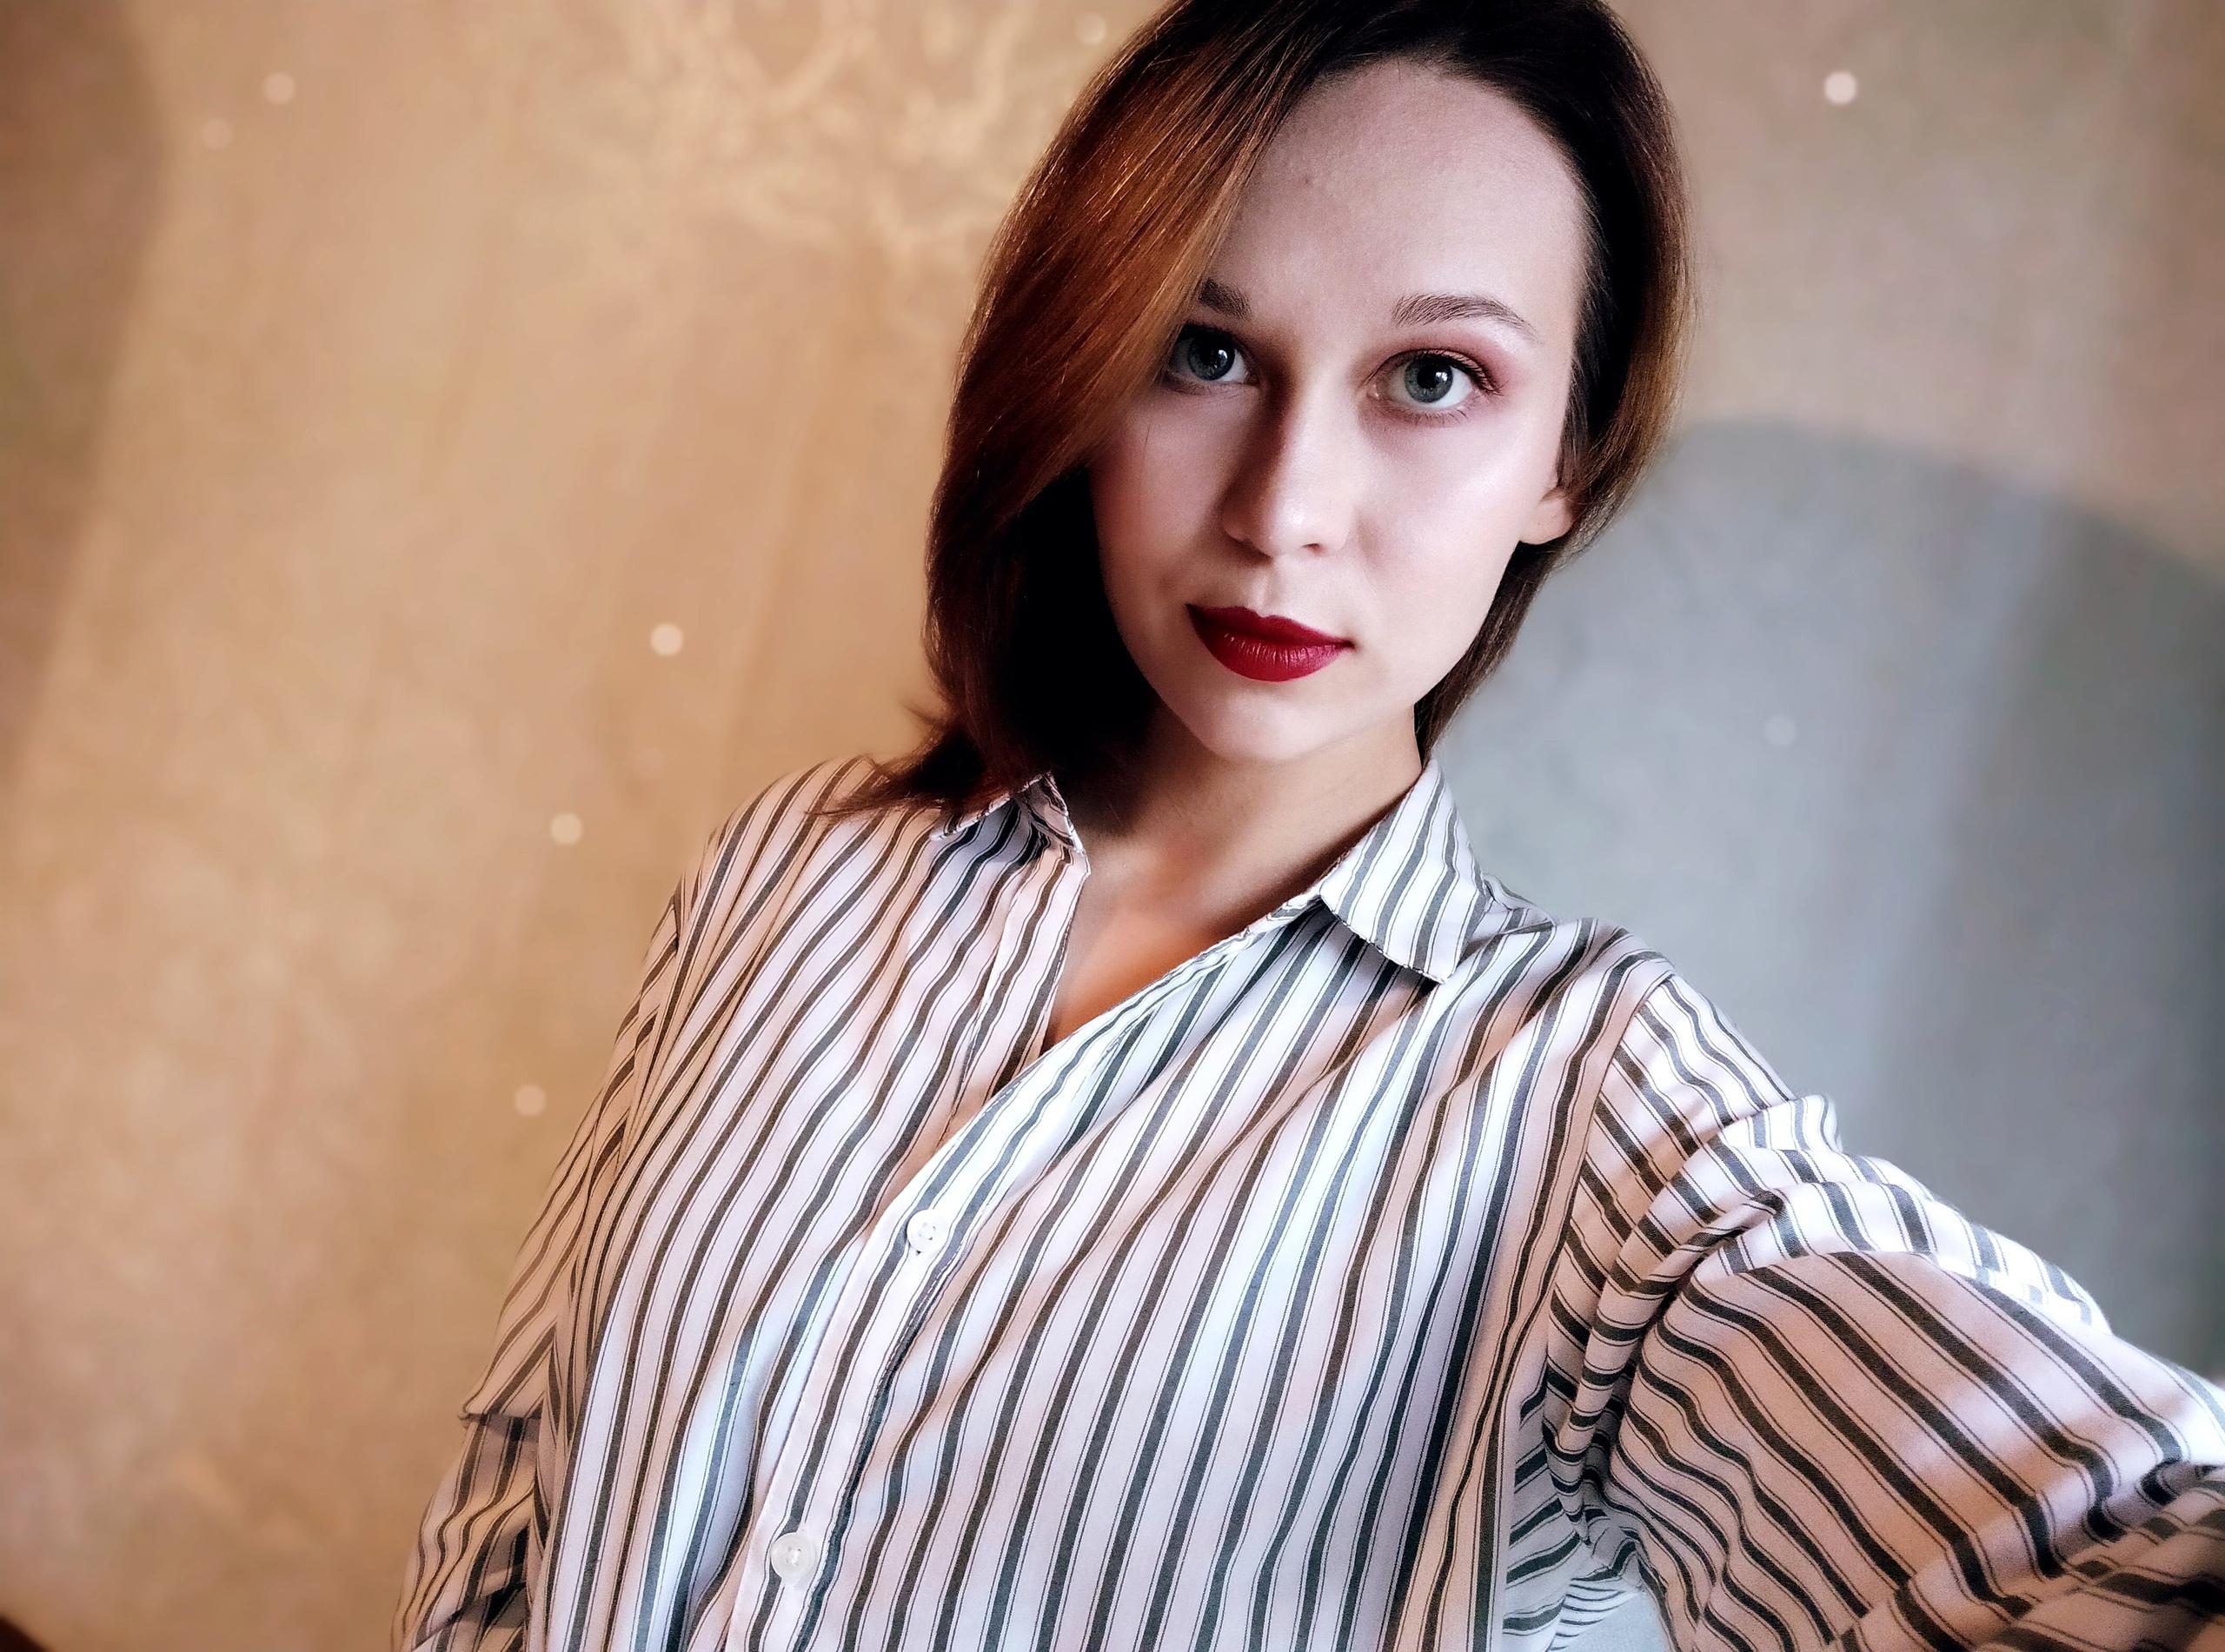 Lyuba, 19, Perm